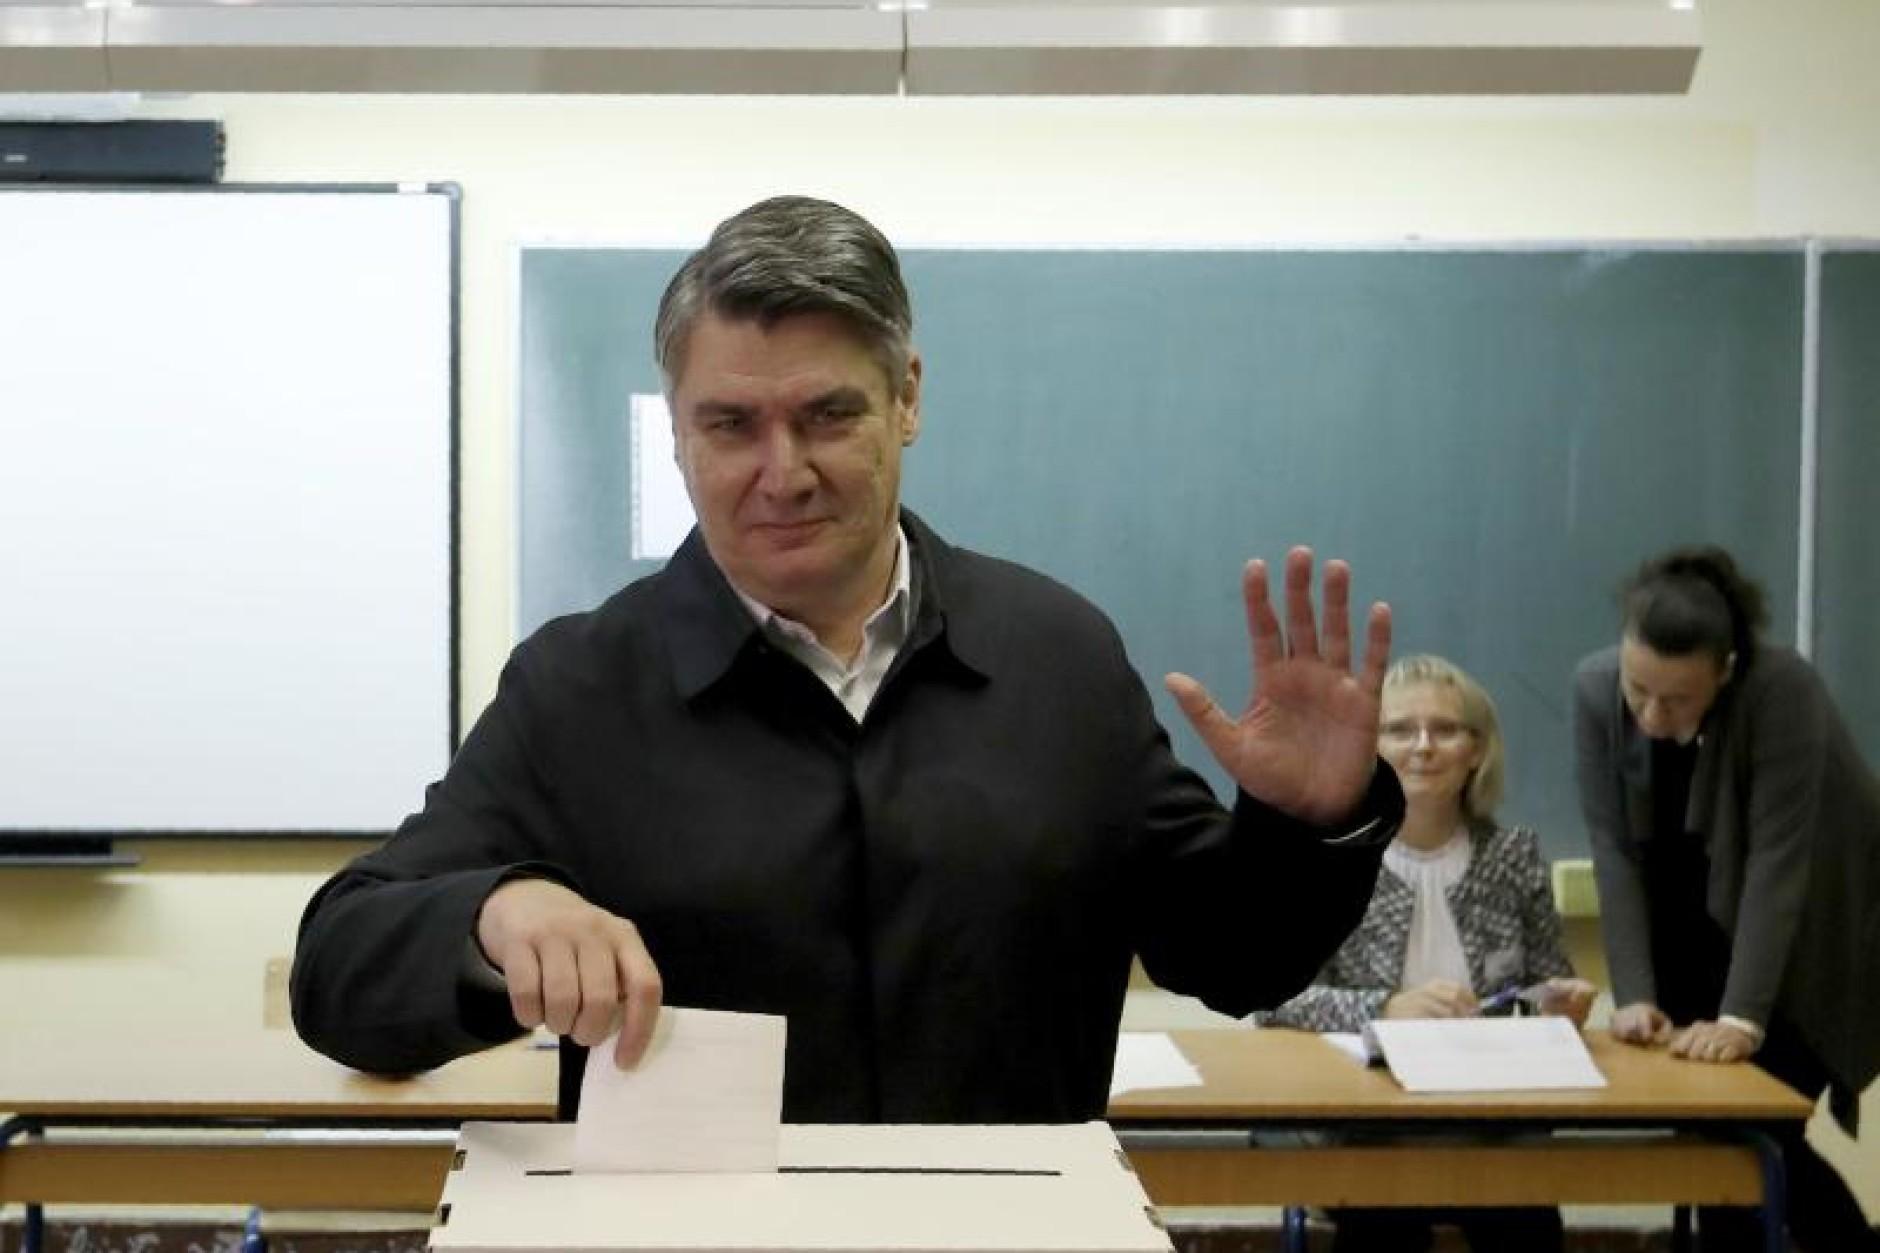 Κροατία: Νικητή τον Milanovic δείχνουν τα πρώτα exit polls